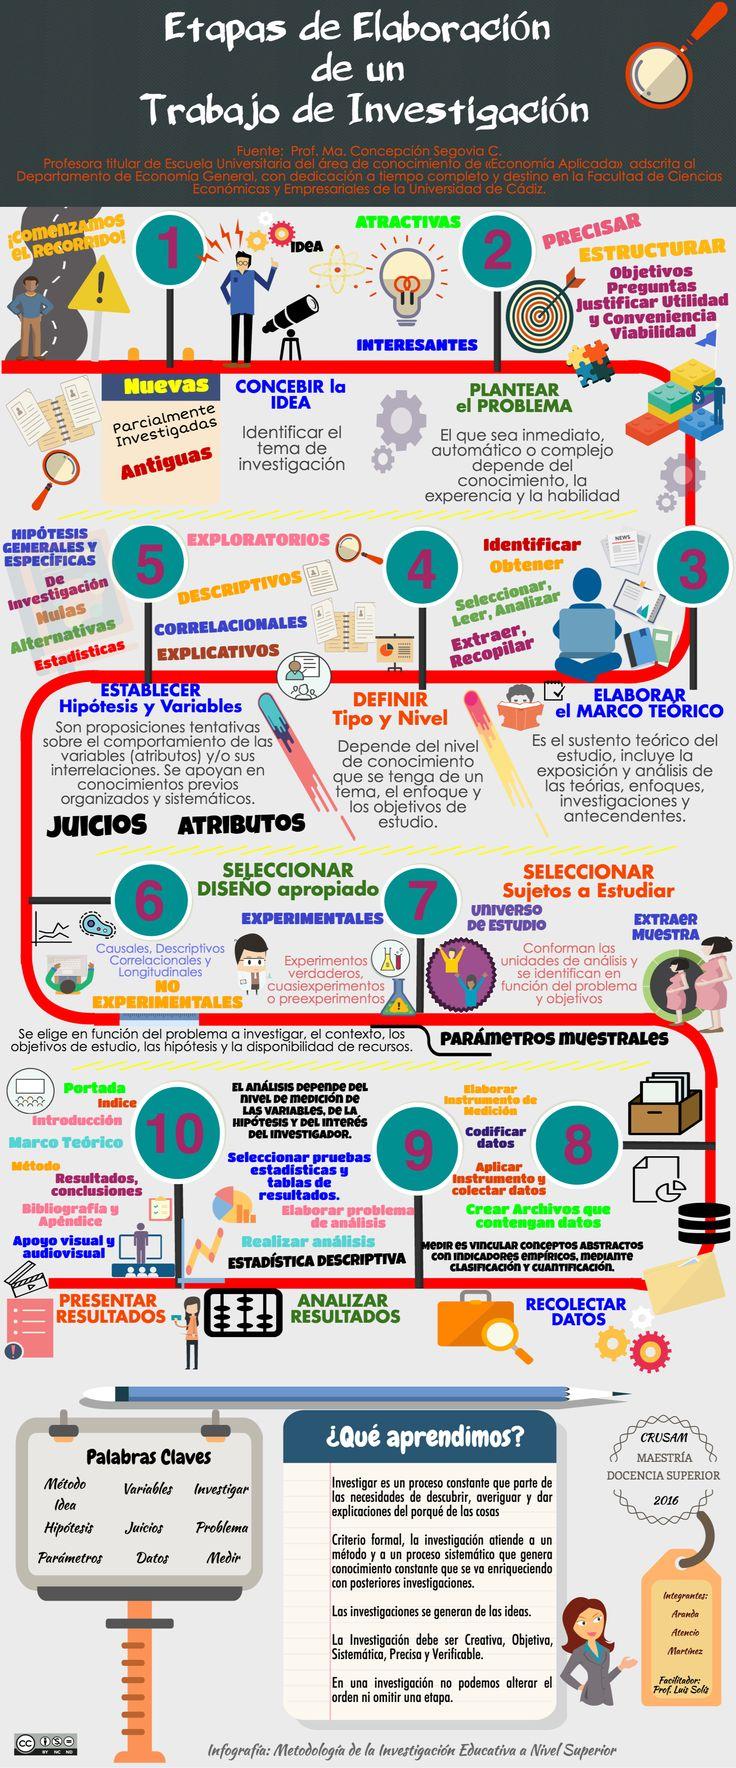 Hola: Una infografía sobre las Etapas de elaboración de un trabajo de investigación. Vía Un saludo